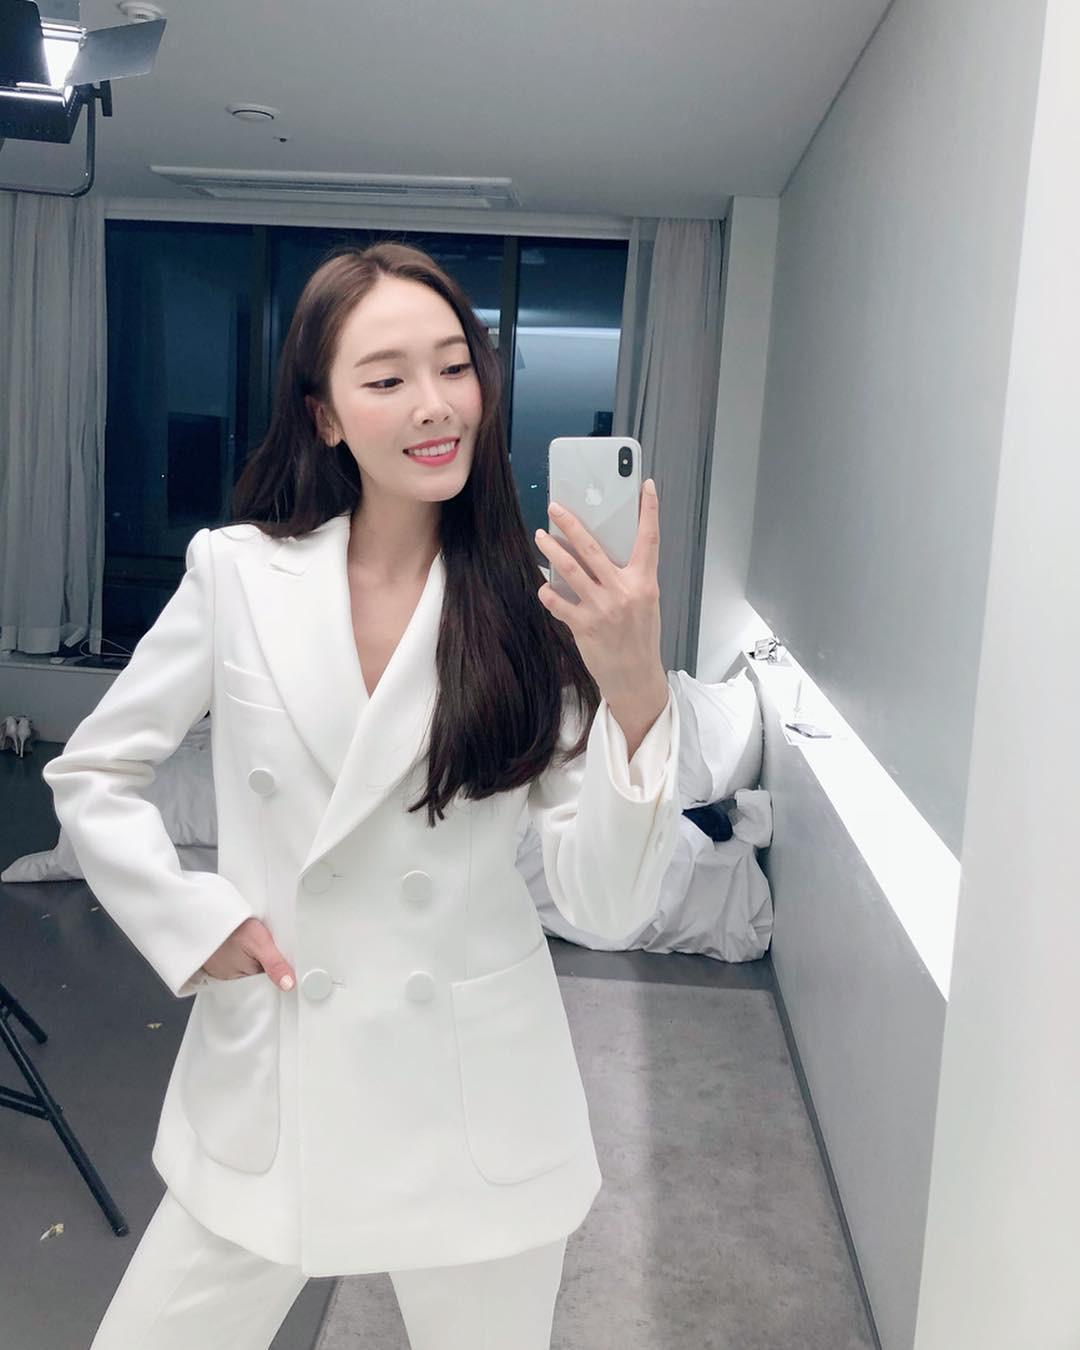 """Chỉ là blazer trắng mà có cả chục cách mix khác biệt, Jessica Jung quả xứng danh """"cao thủ mặc đẹp"""" - Ảnh 1."""